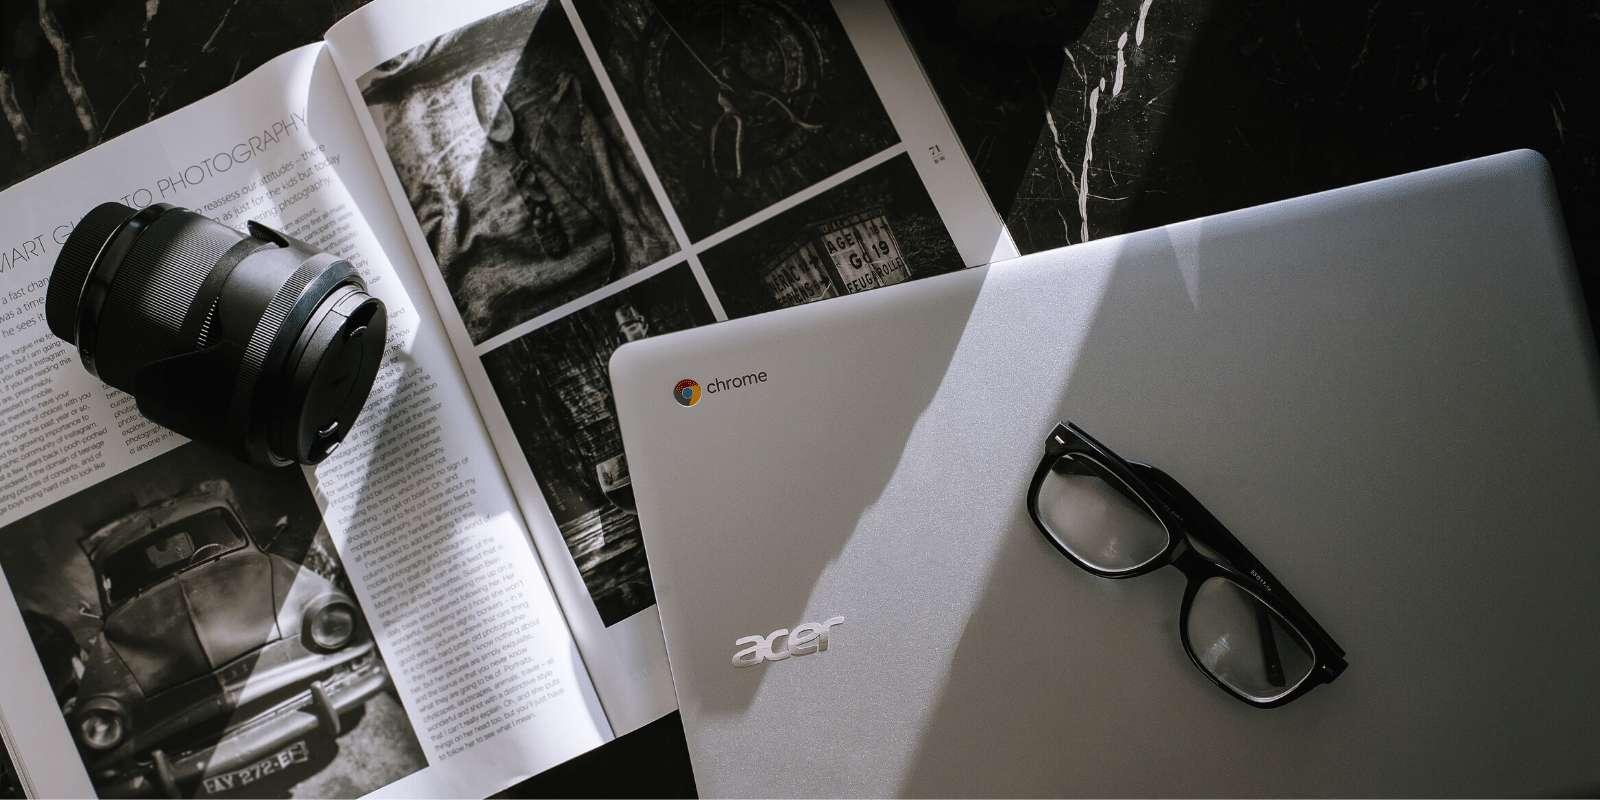 Les promotions des Cyber Days Acer se termineront le jour du Cyber Monday le 2 décembre, soit 3 jours après le Black Friday du 29 novembre. ©Unsplash